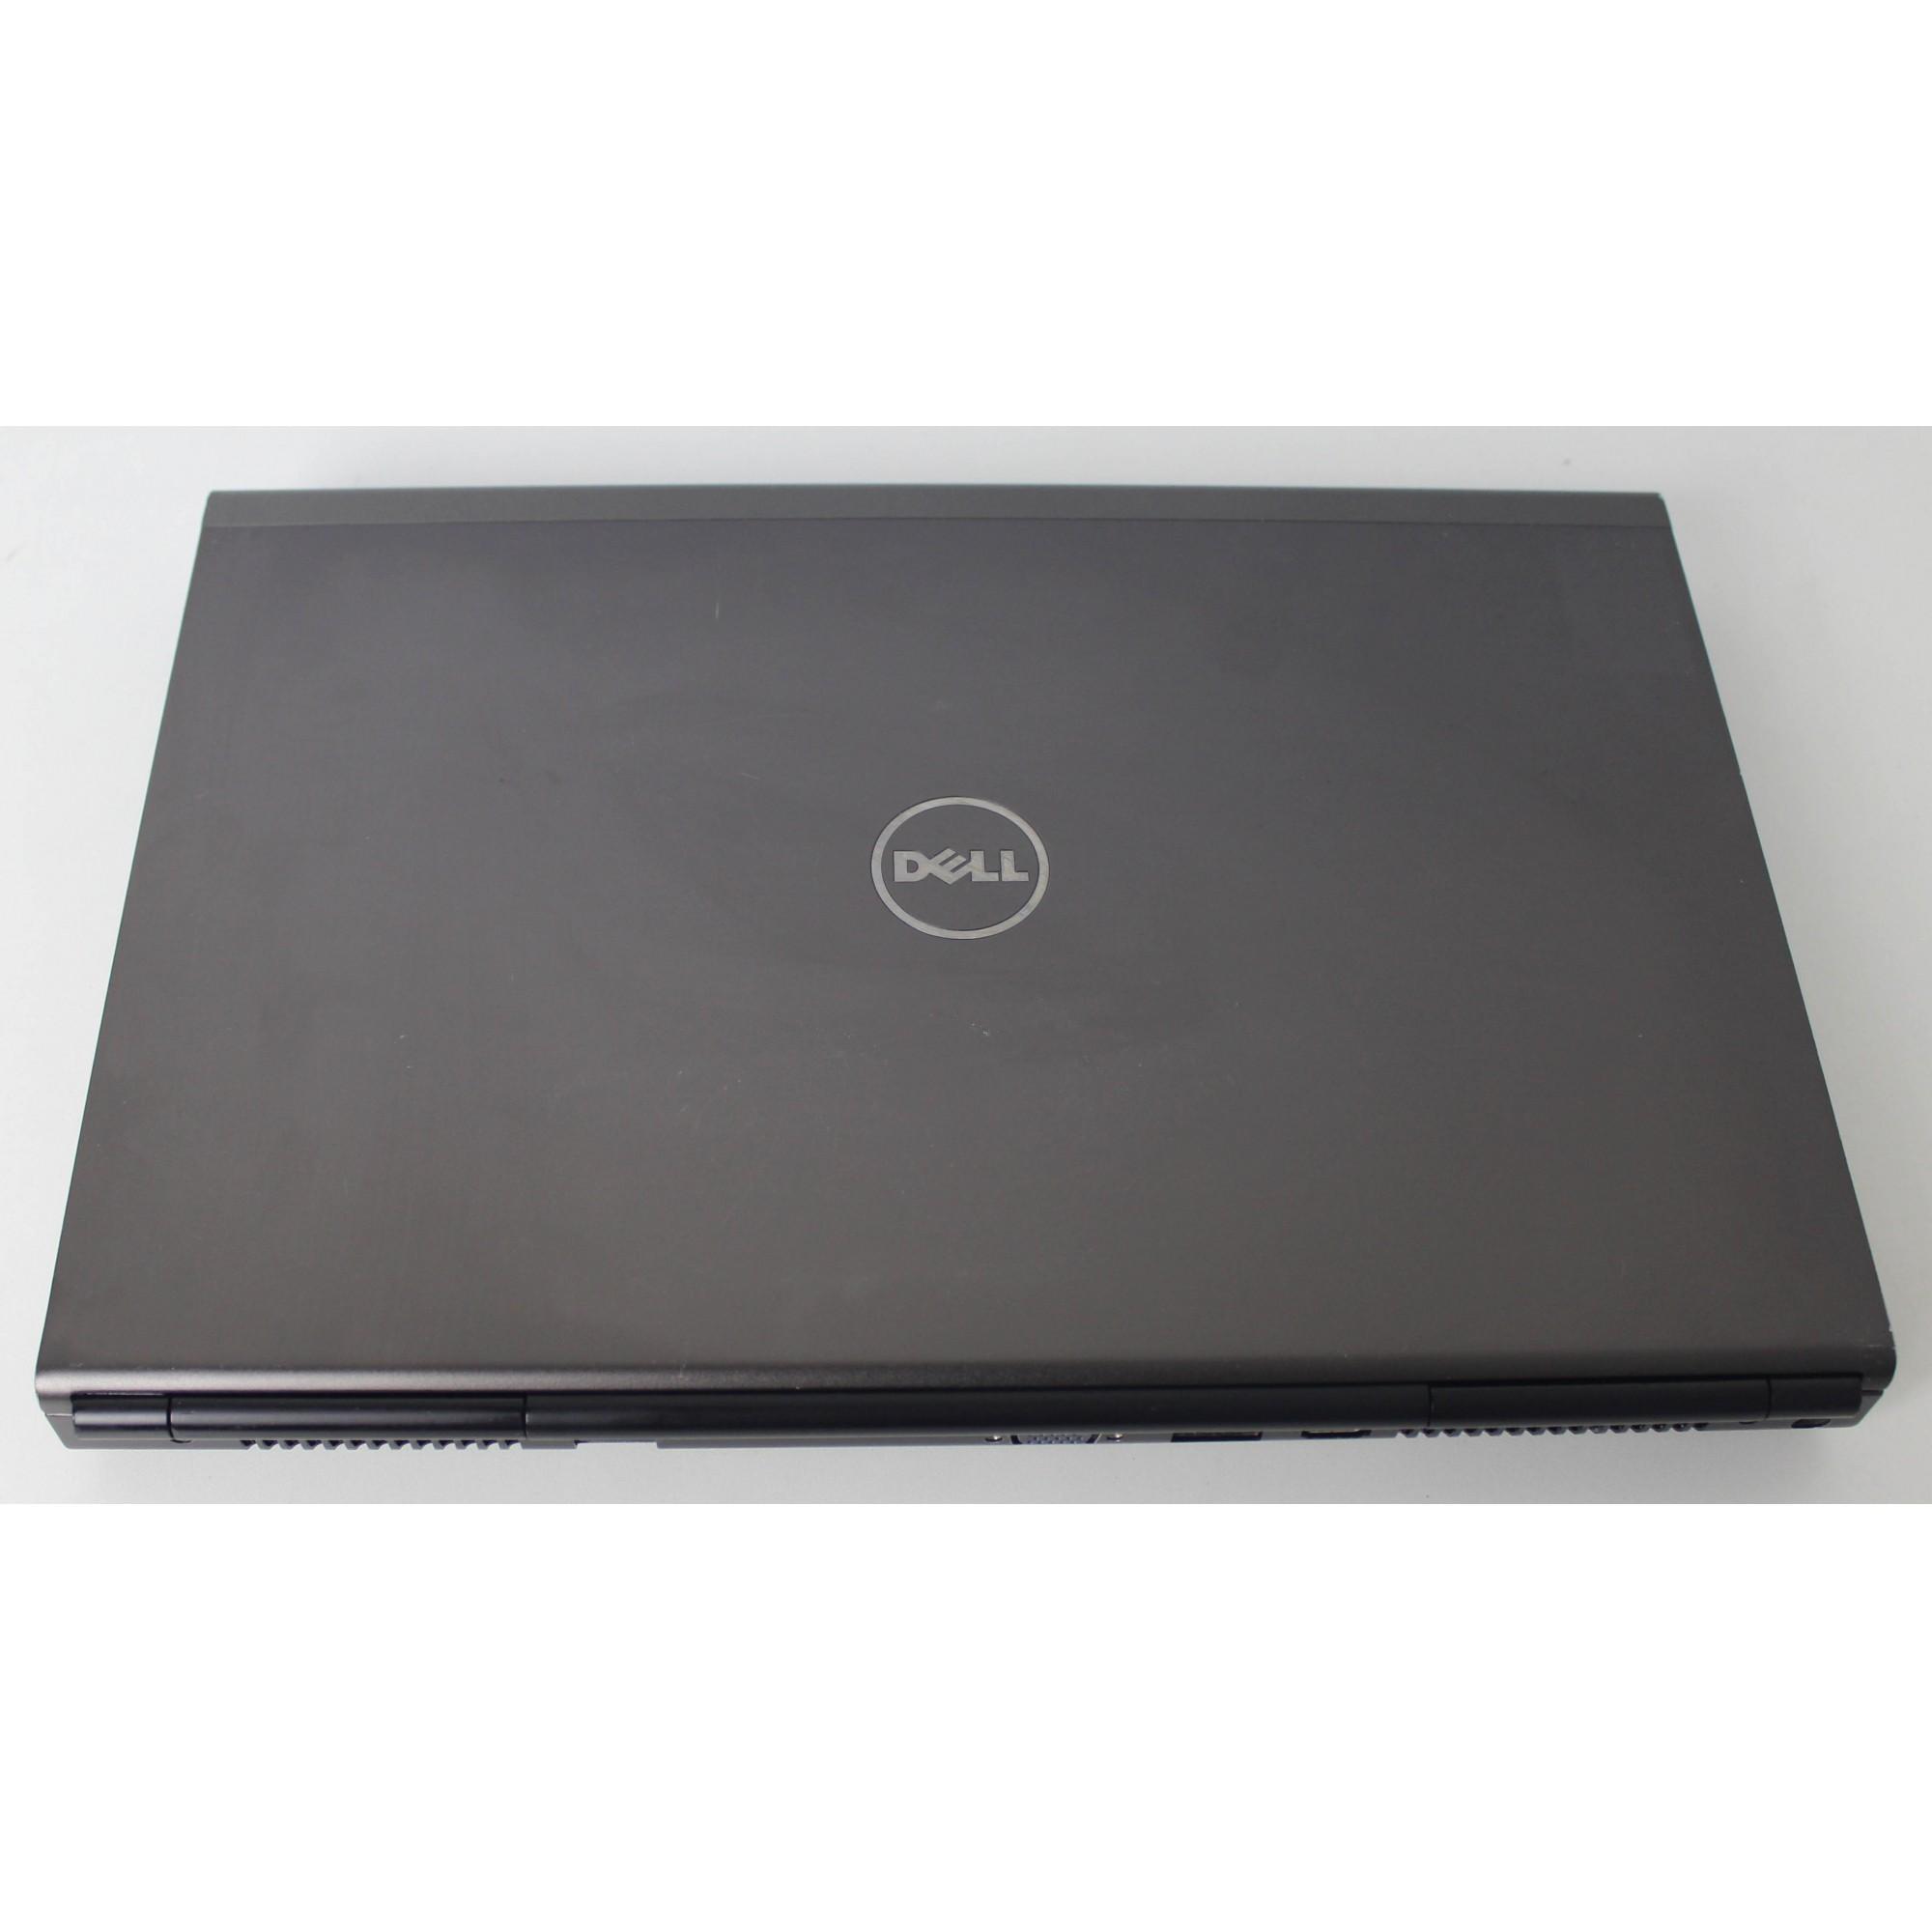 """Work Note Dell Precision M4800 15,6"""" Estação de Trabalho Core i7 2.8Ghz 4GB HD-1TB + 2GB Dedicada + Alphanumérico"""